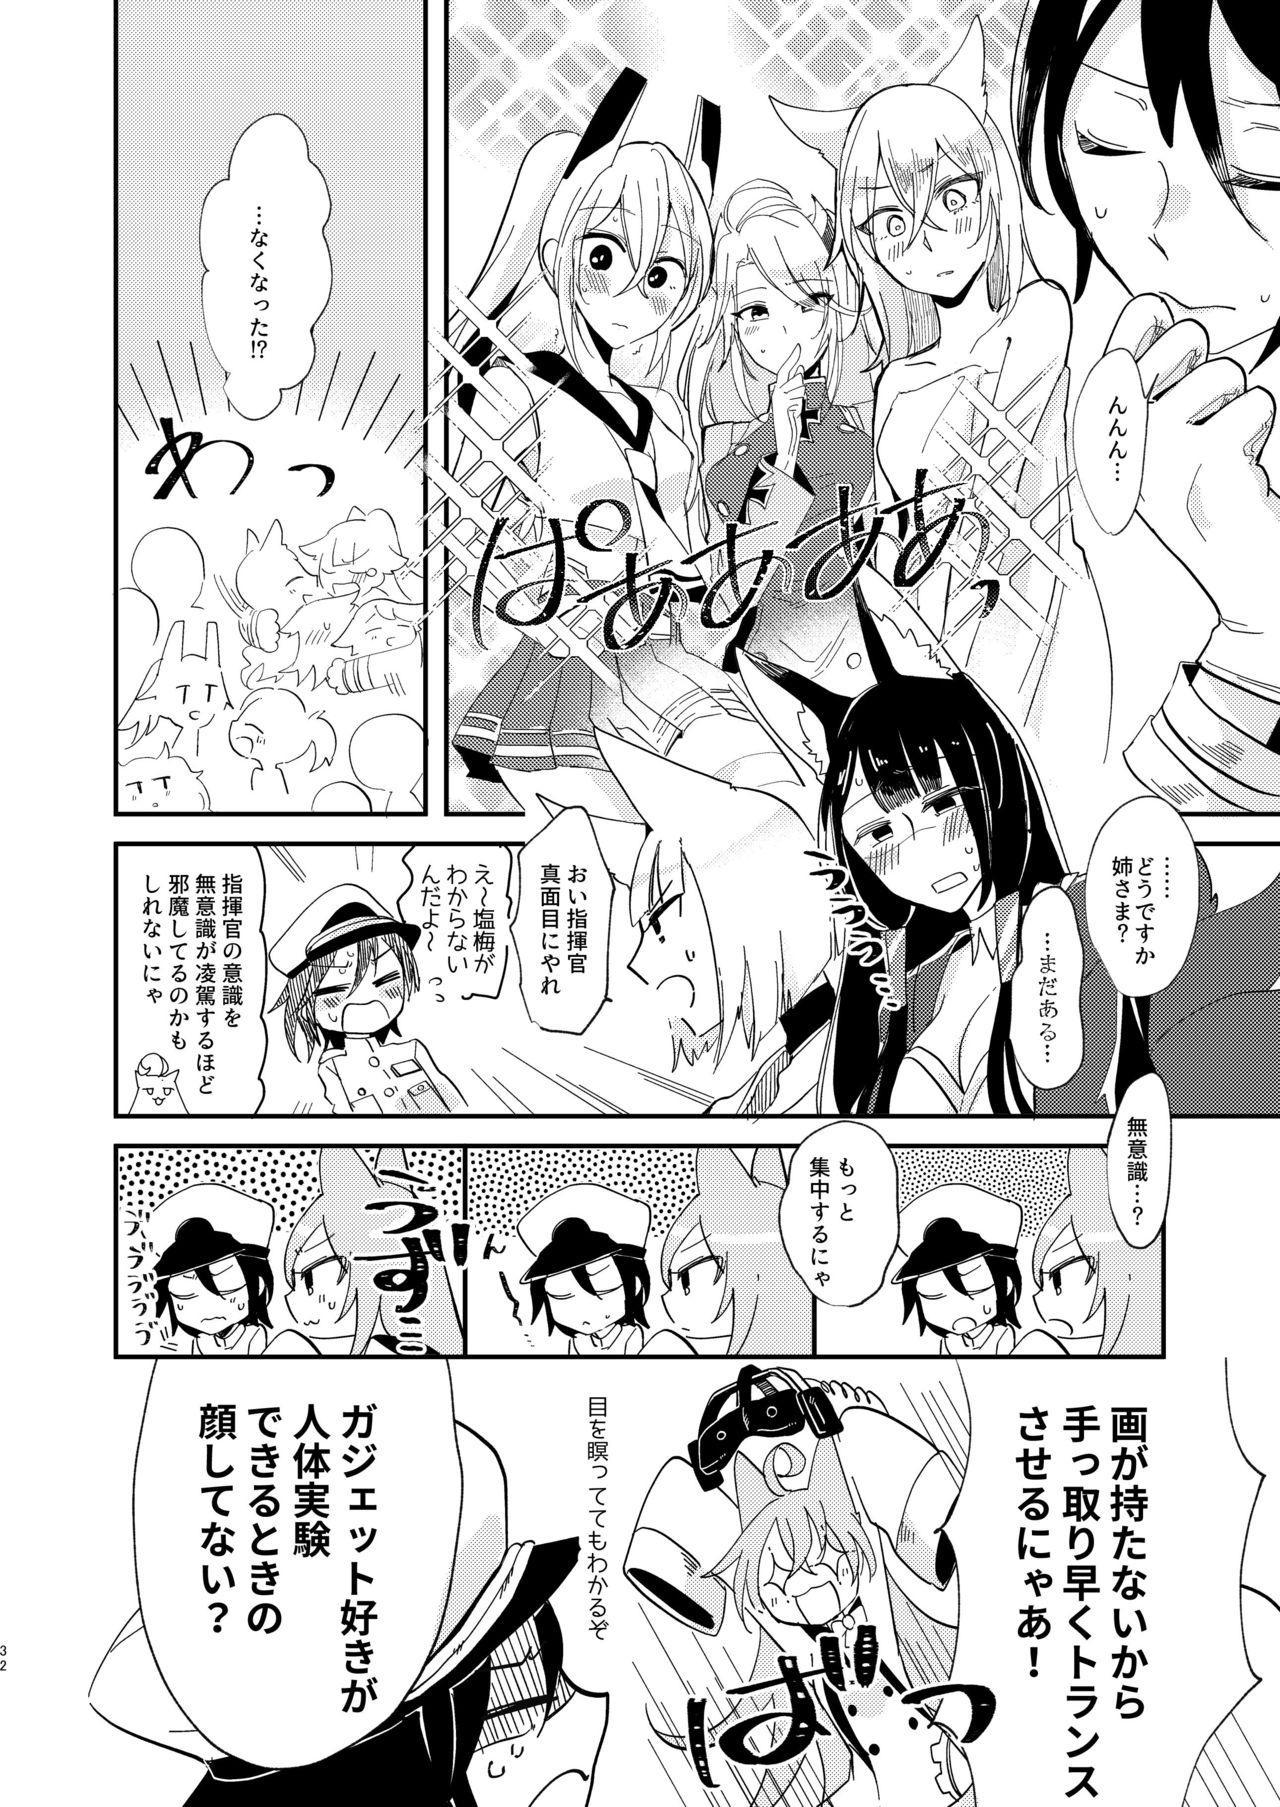 Kitai no Shisugi wa Kinmotsu desu! - Sticks are not necessarily buff 30